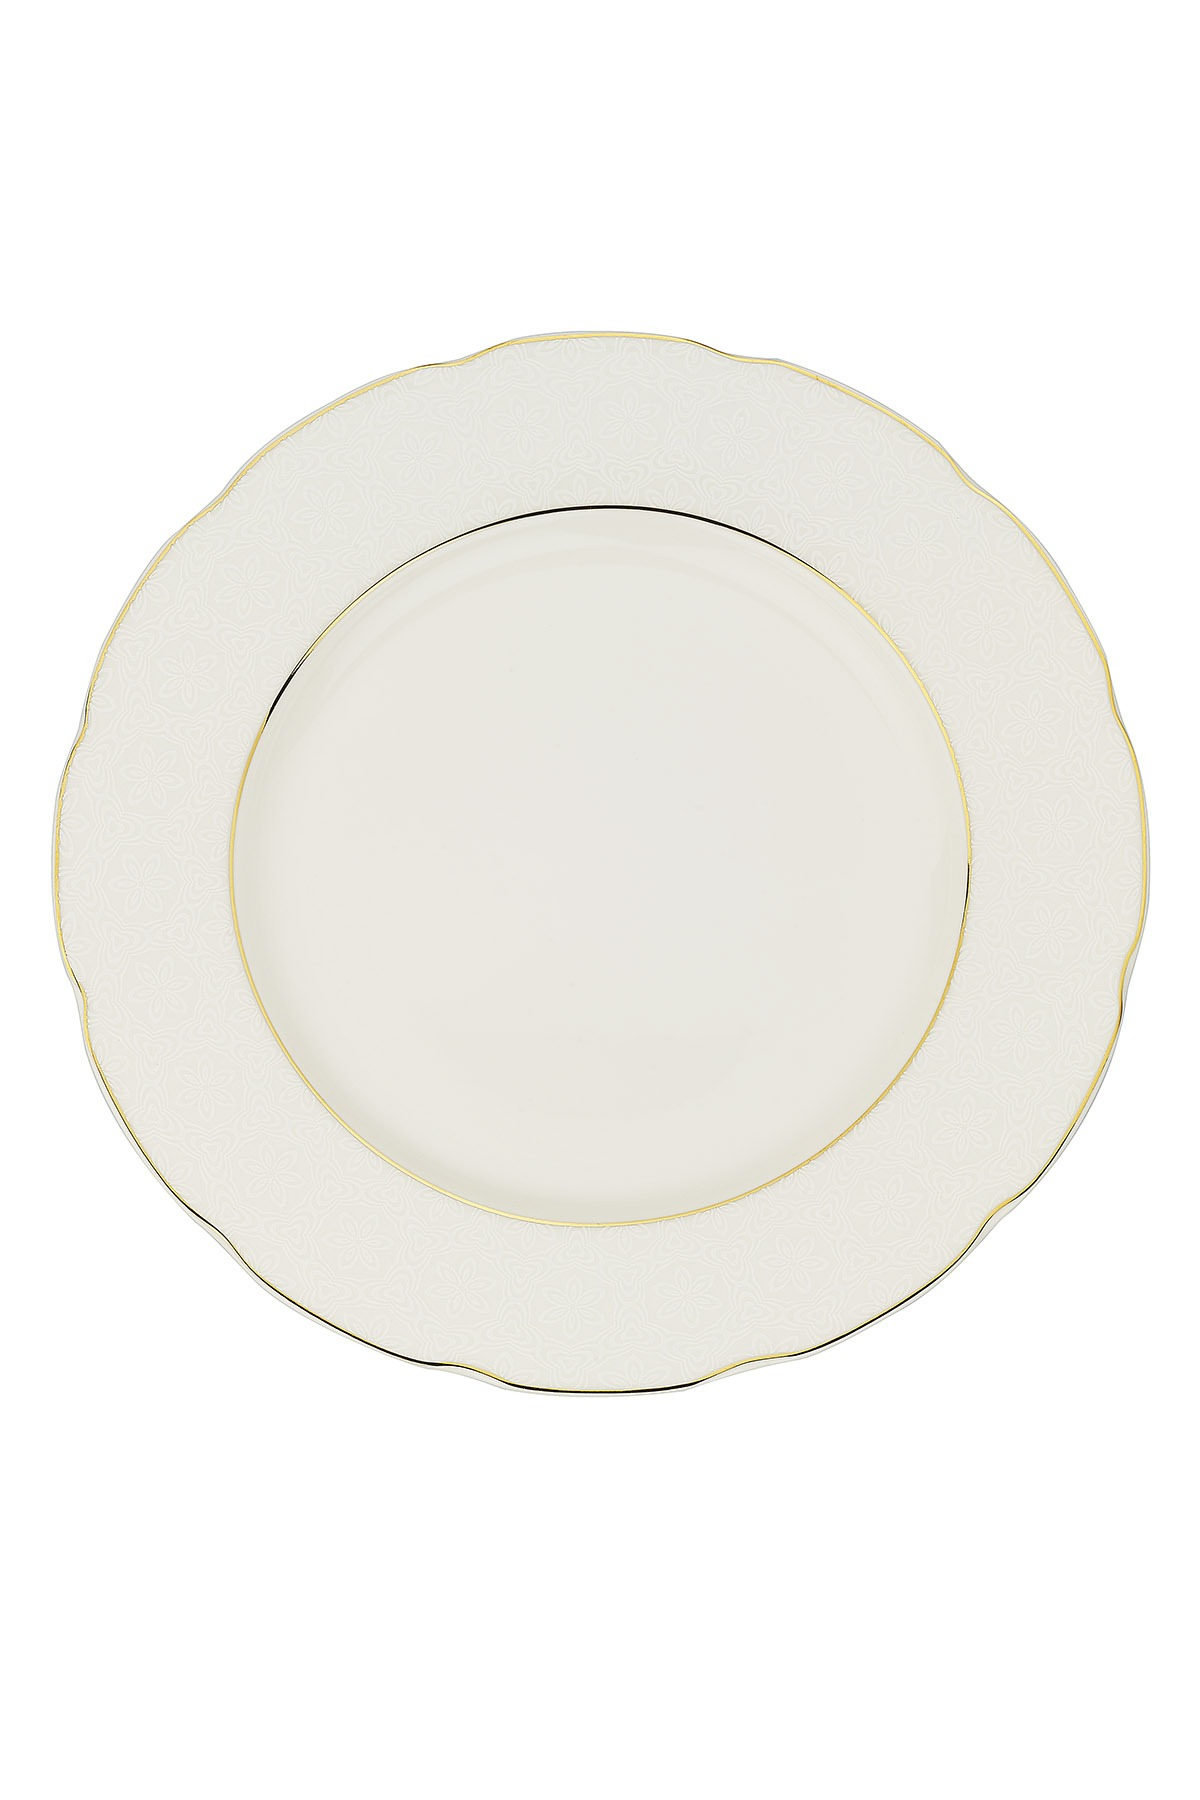 Kütahya Porselen Bone Olympos 68 Parça 10068 Desenli Yemek Takımı